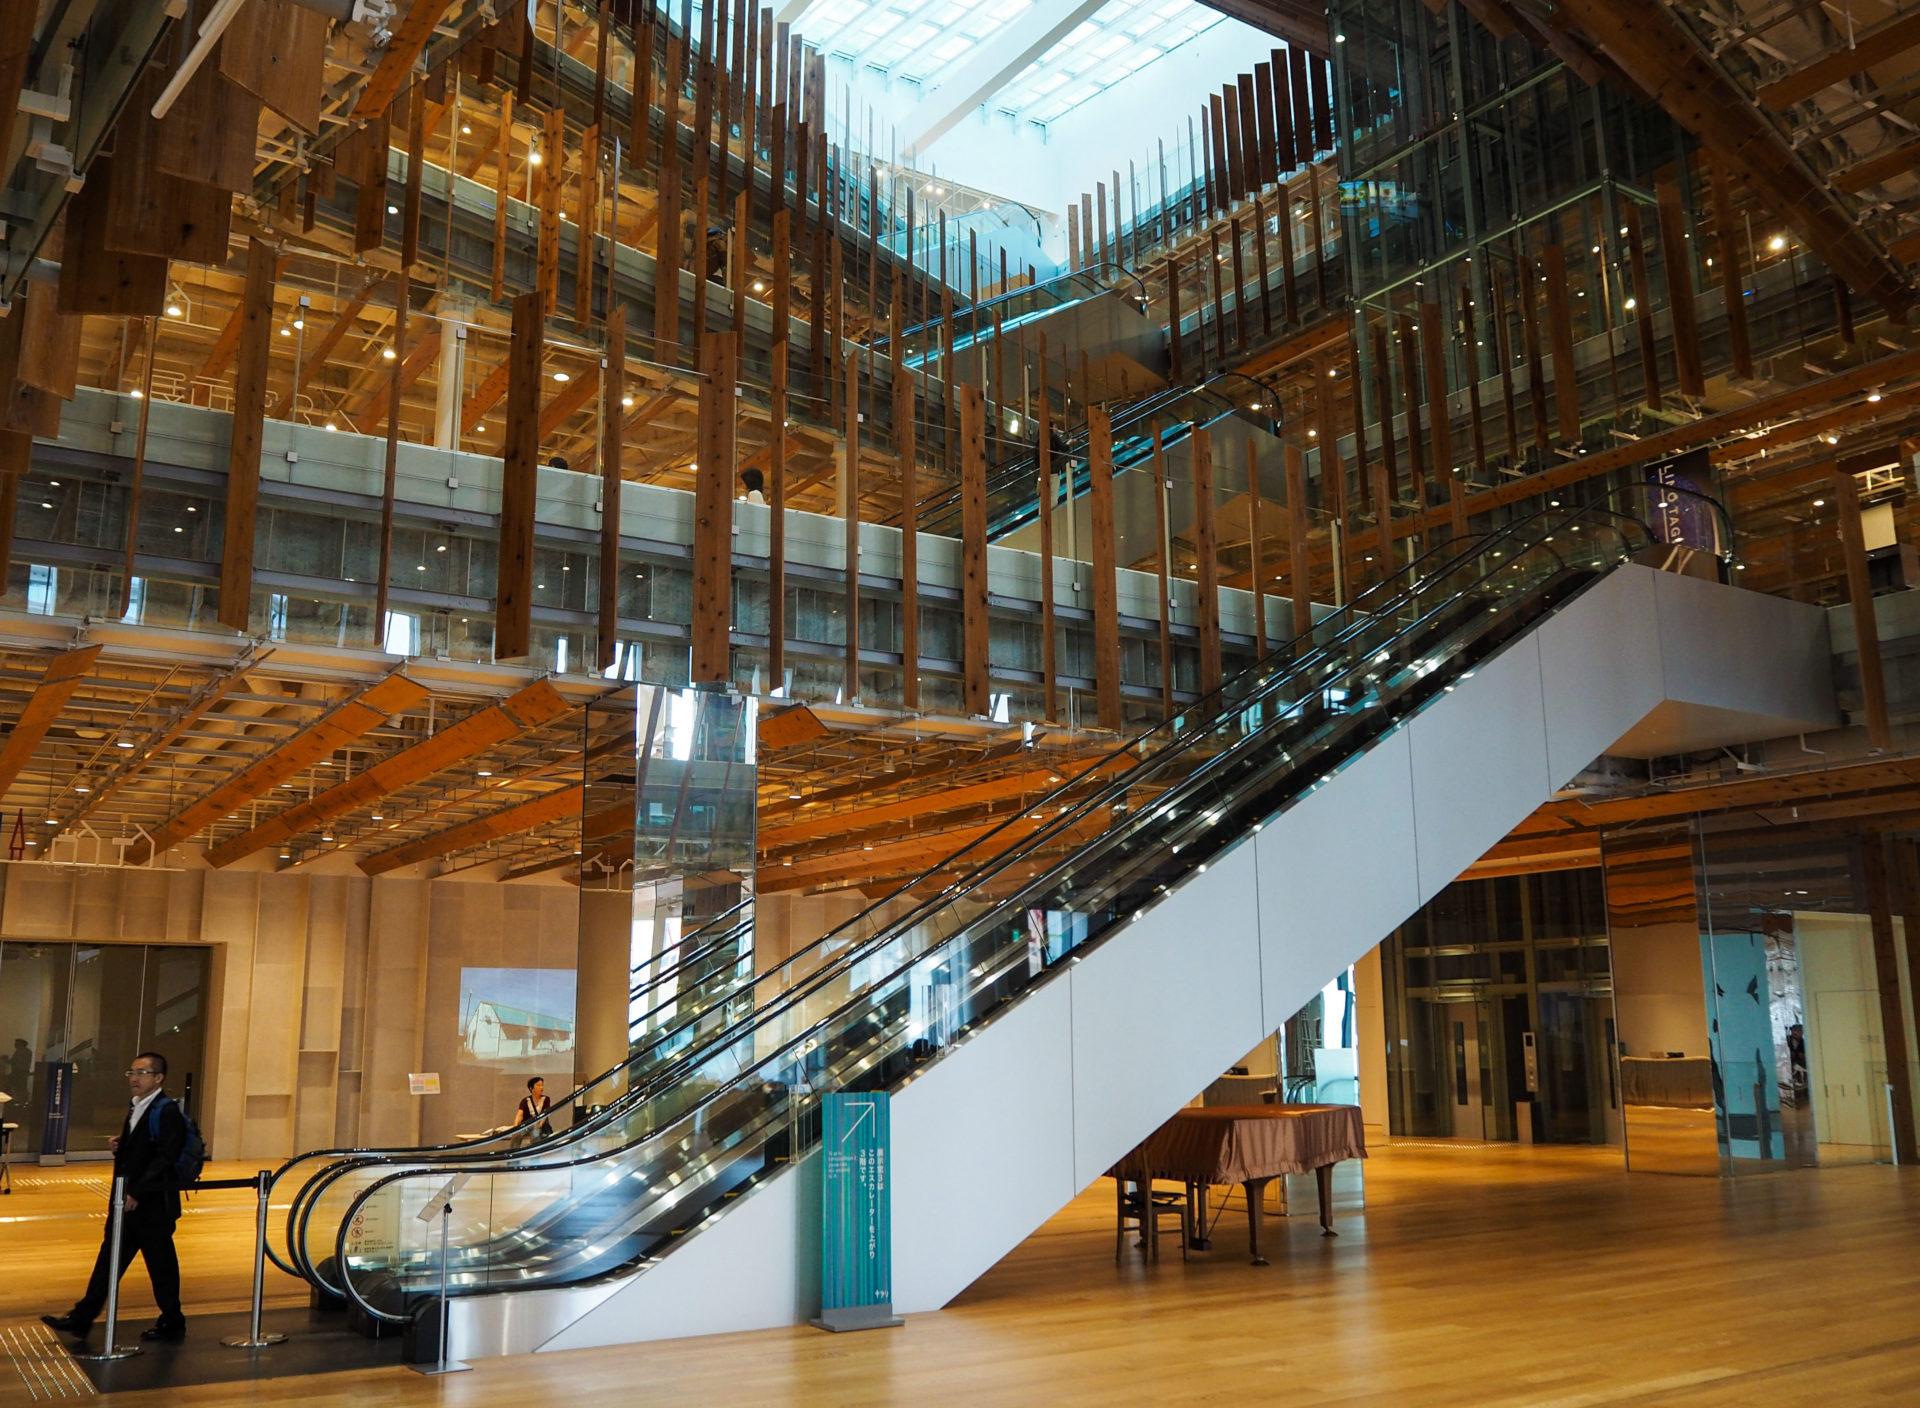 Musée de l'art du verre à Toyama - Préfecture de Toyama, porte d'entrée vers les Alpes Japonaises - Voyager au Japon hors des sentiers battus